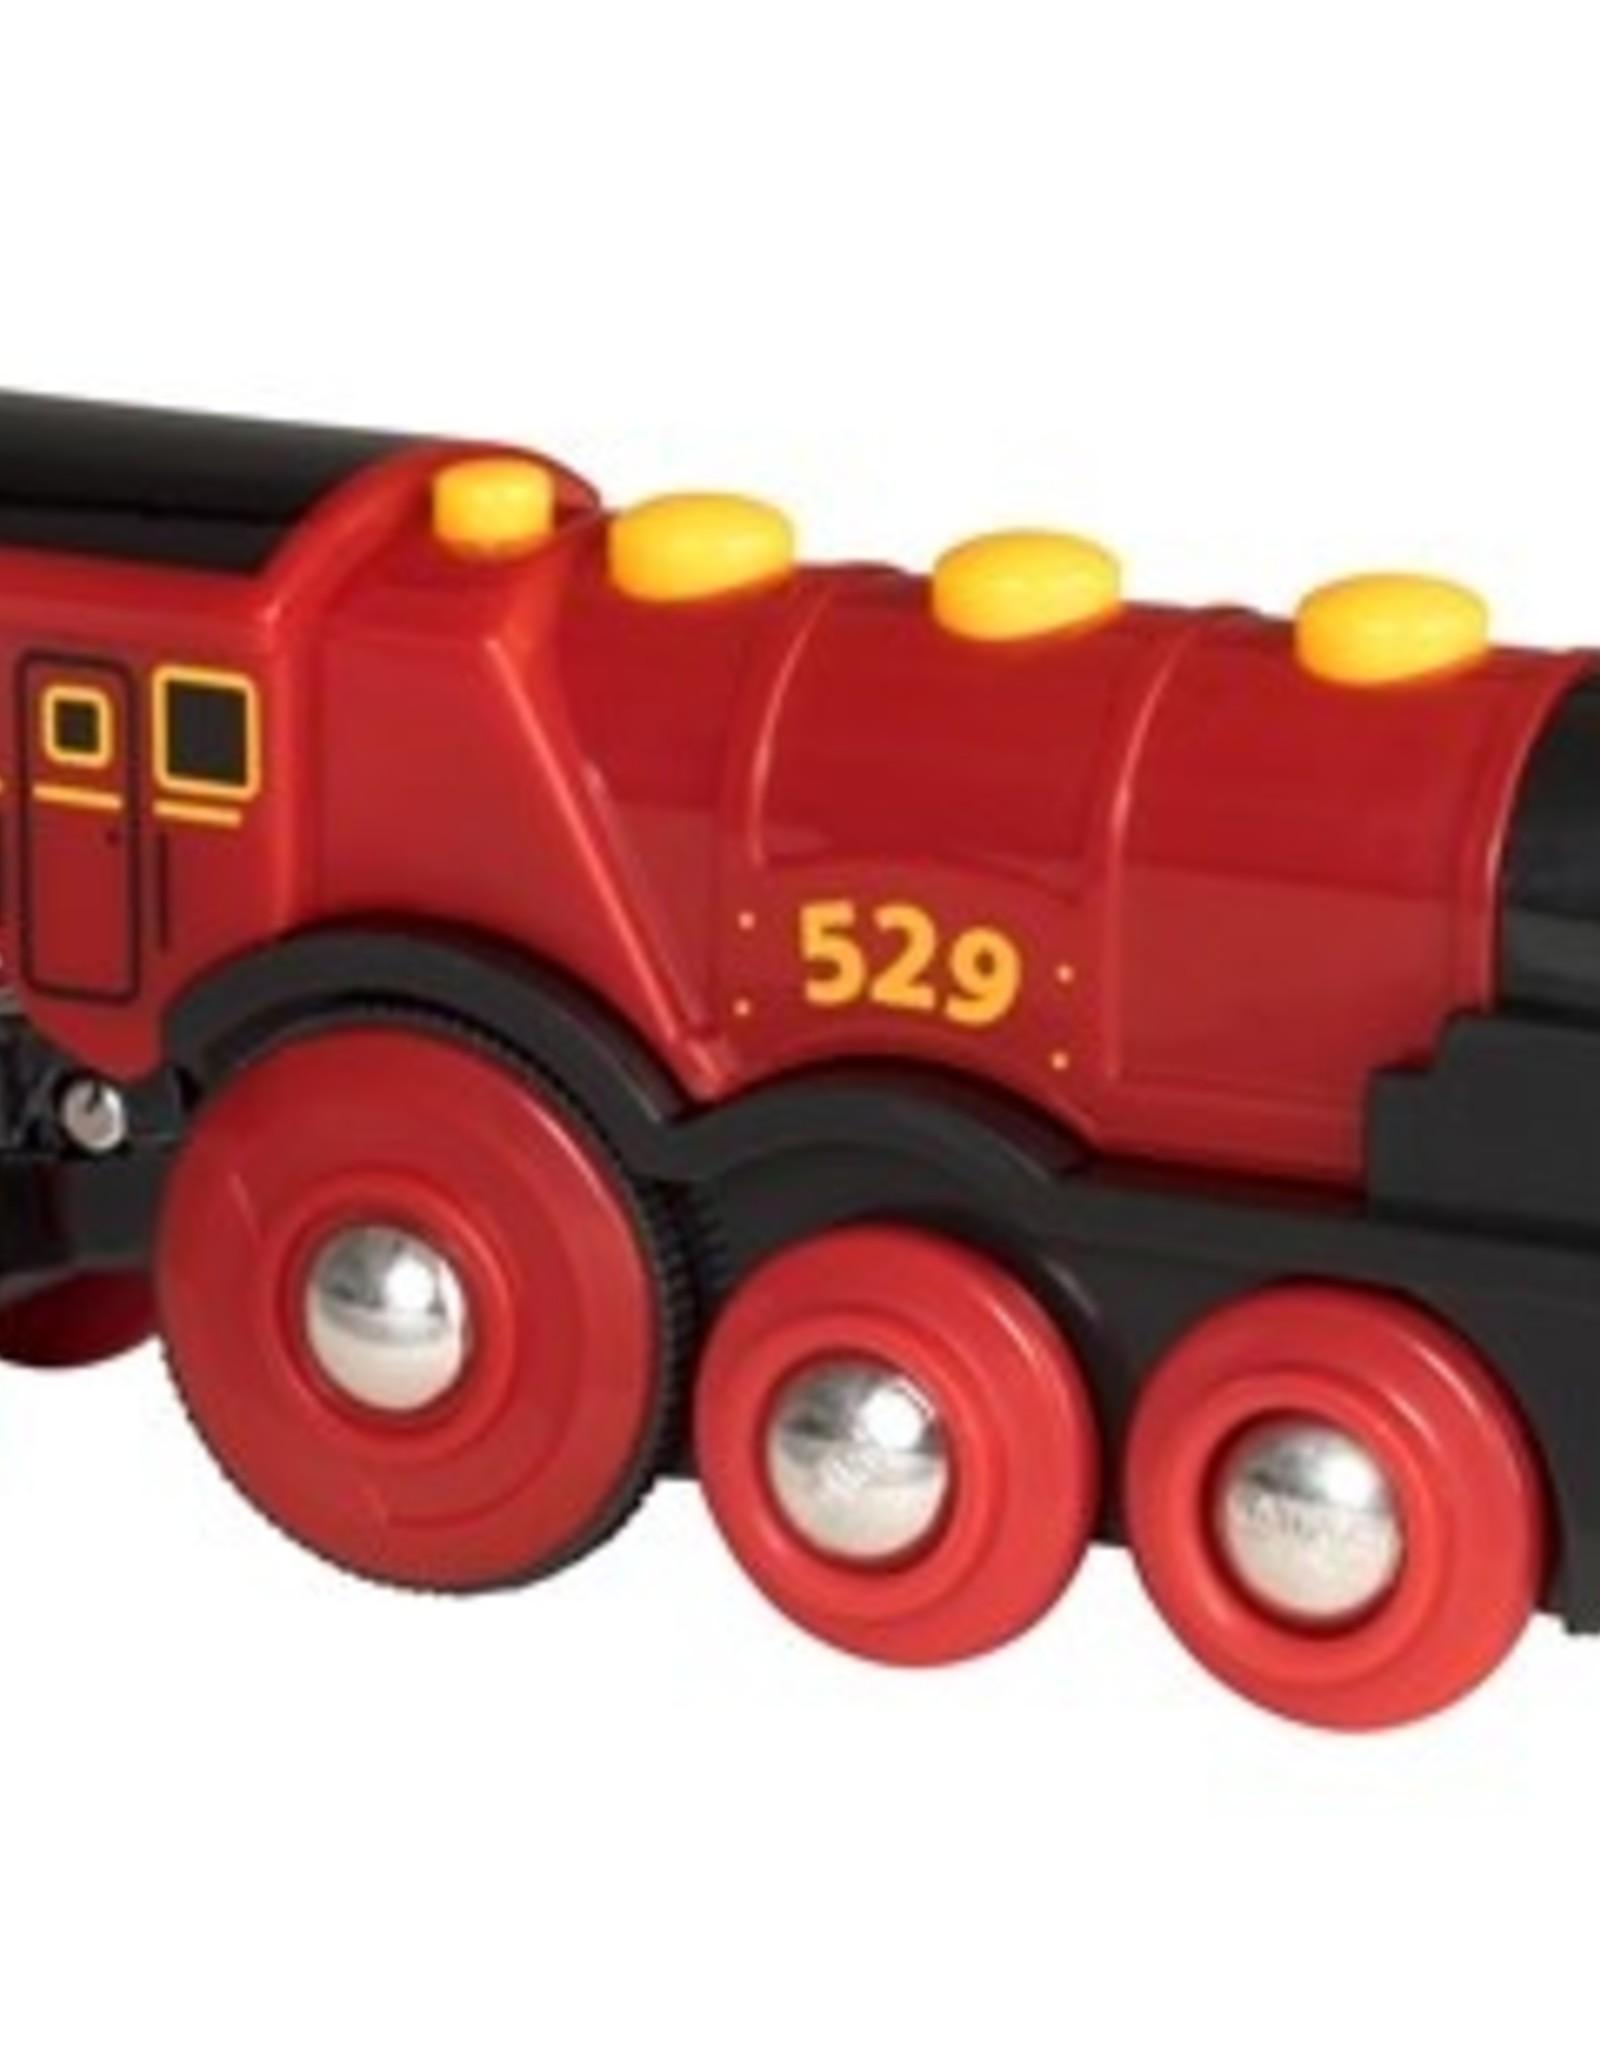 Brio Rode Locomotief